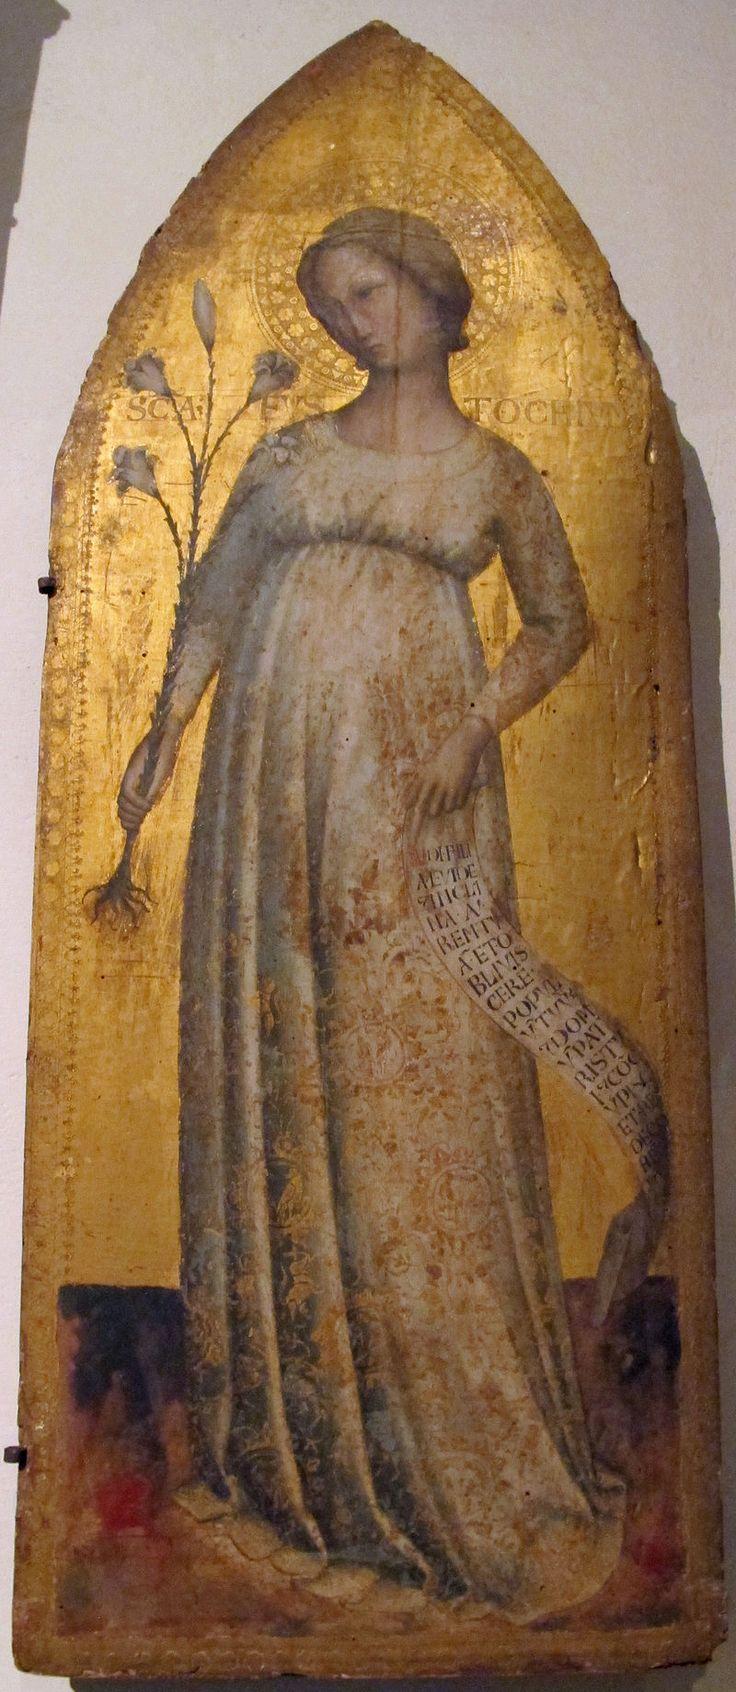 Maestro della Madonna Strauss - Santa Eustochio - 1390-1420 ca..- Pinacoteca Vaticana, Città del Vaticano